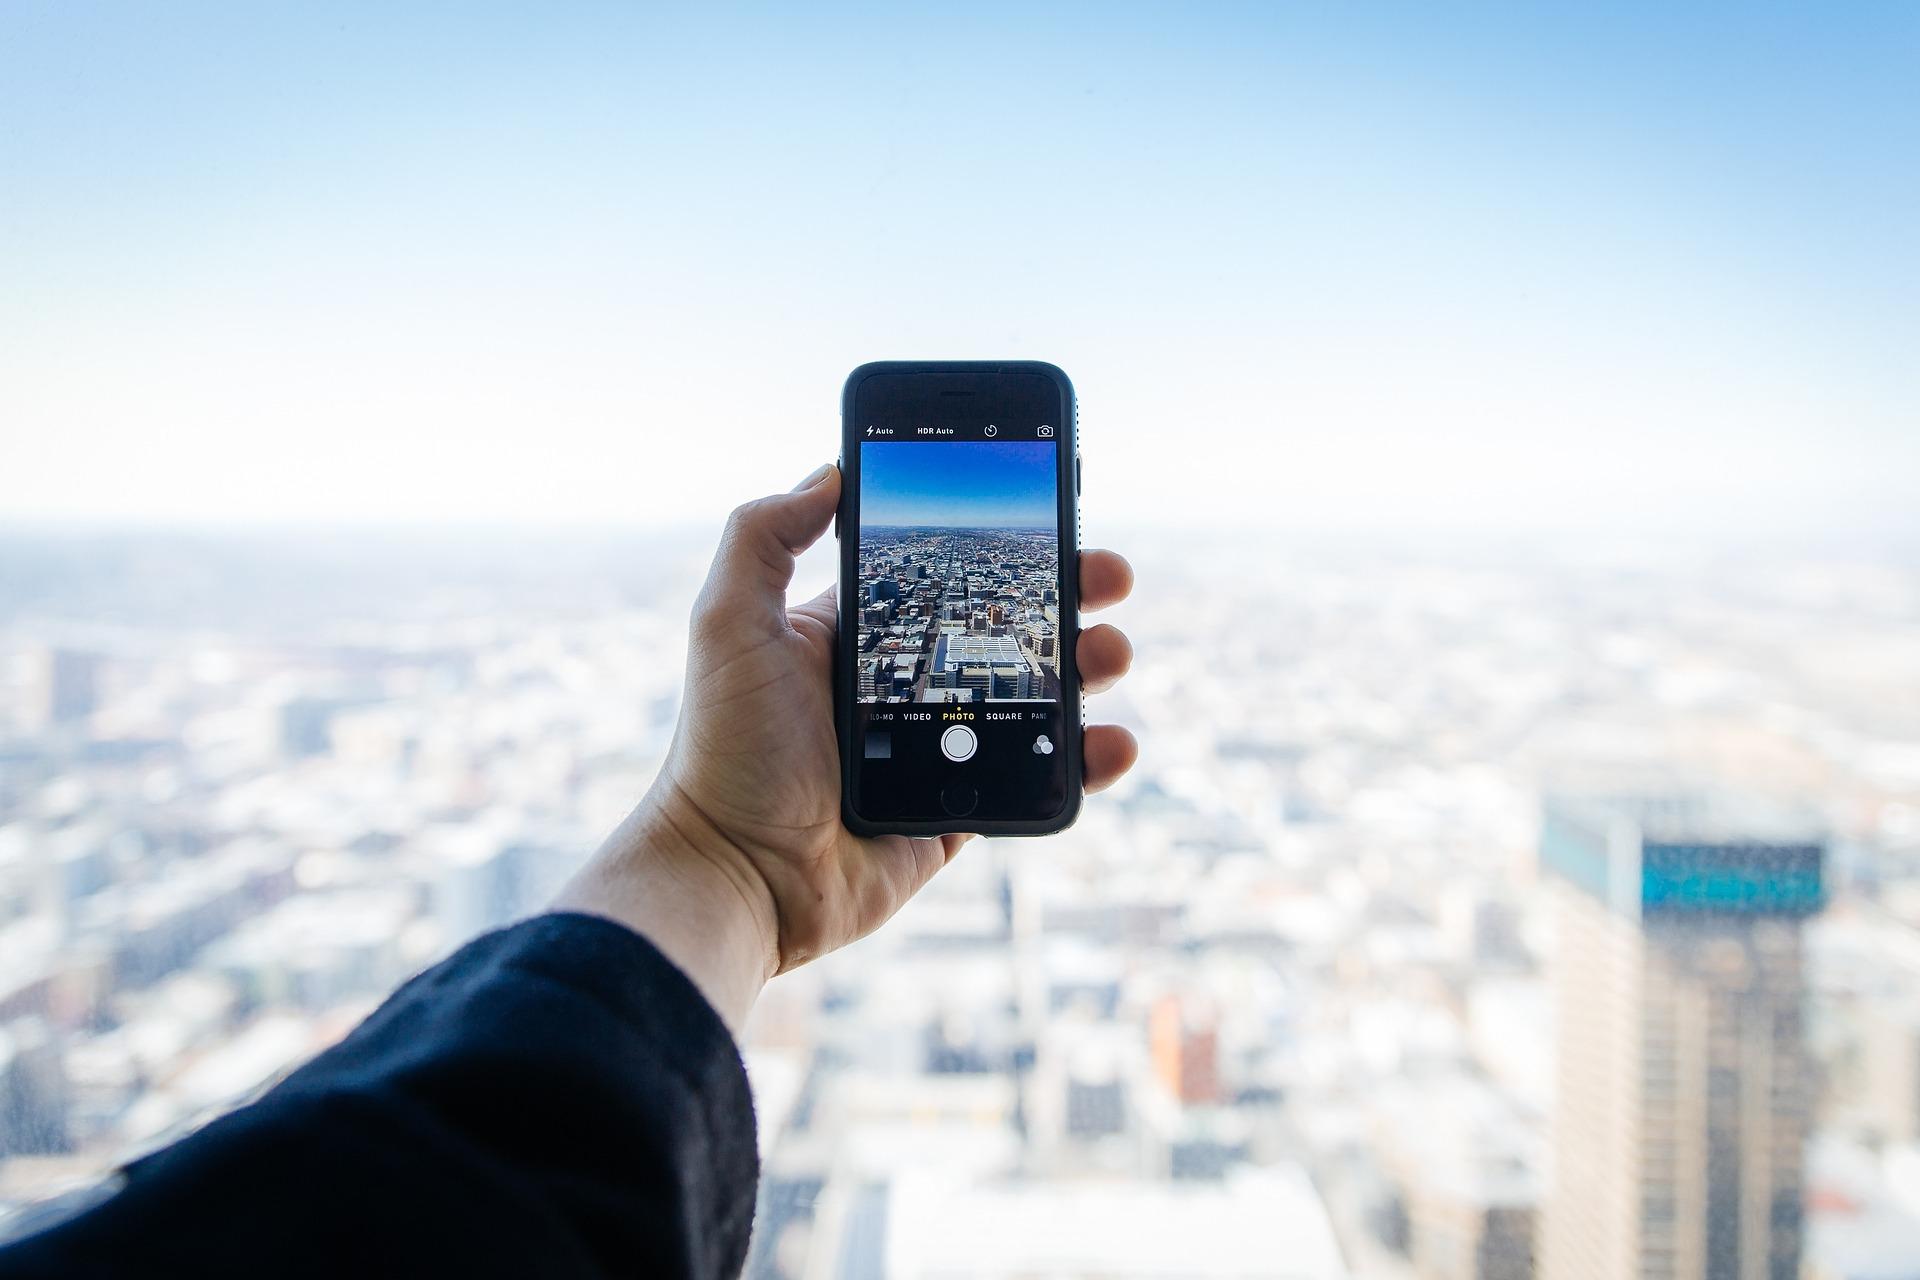 Mobilfunk-Zukunft 5G Nicht Flächendeckend: Netzagentur